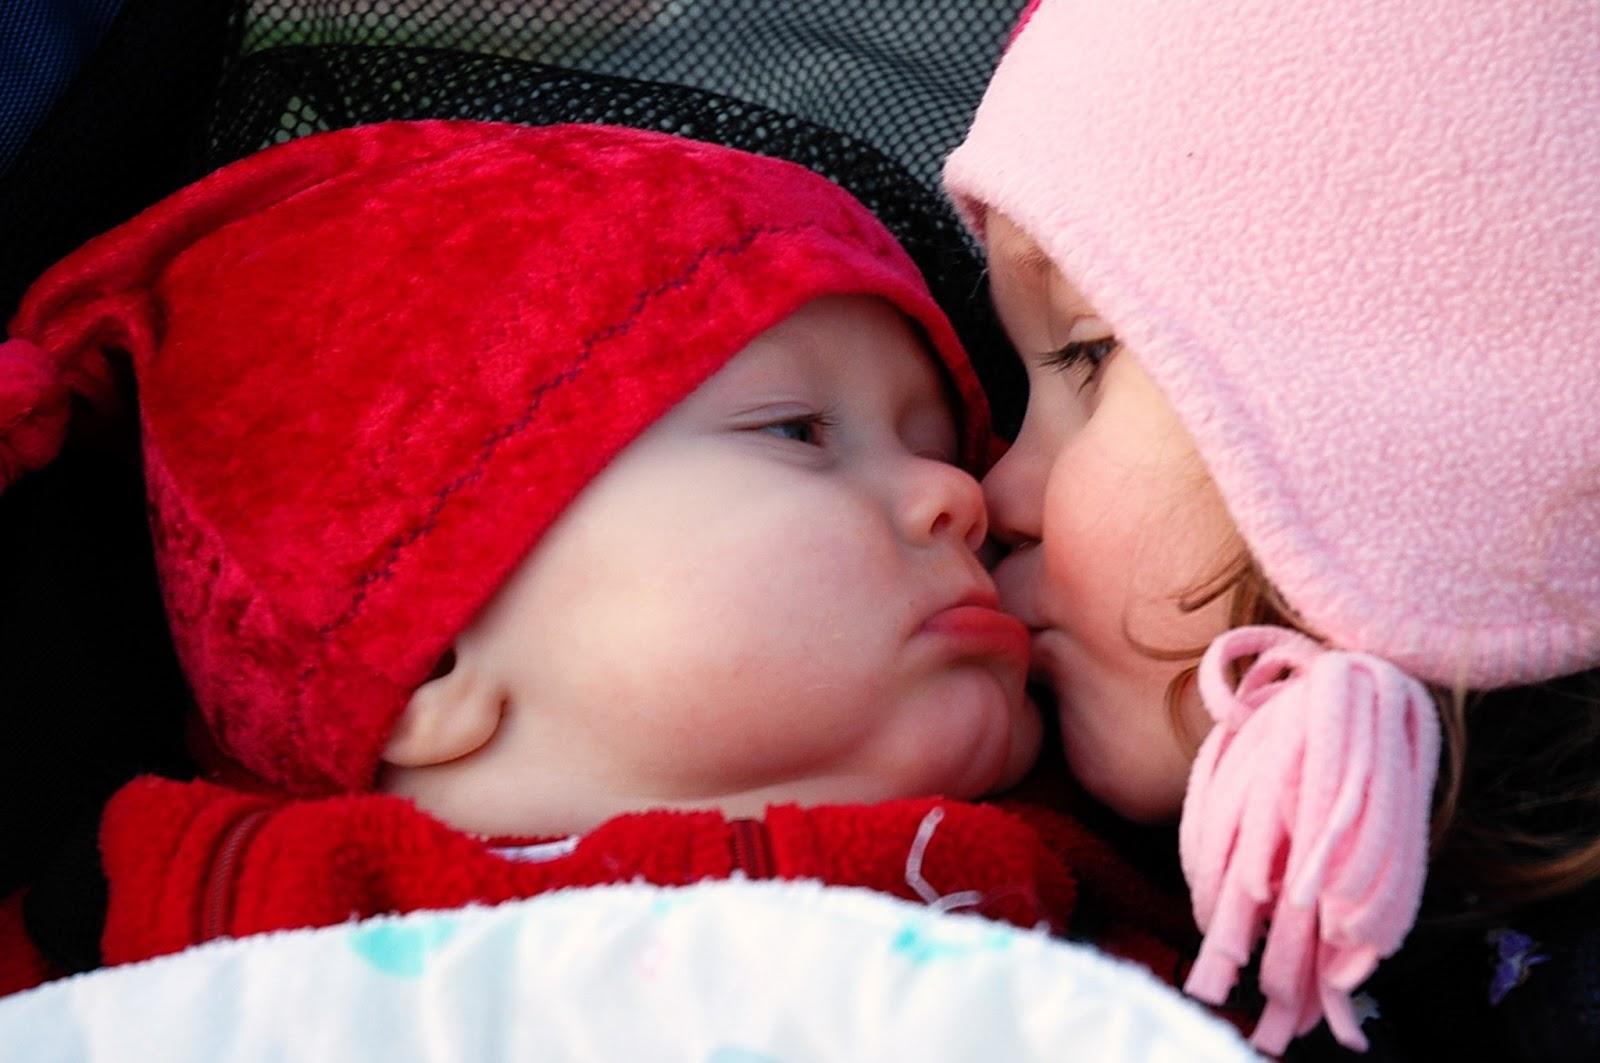 صور اطفال كتاكيت بيبى روعة Babies عالية الدقة بجودة عالية لسطح المكتب وللتصميم %25D8%25B5%25D9%2588%25D8%25B1_%25D8%25A7%25D8%25B7%25D9%2581%25D8%25A7%25D9%2584_08